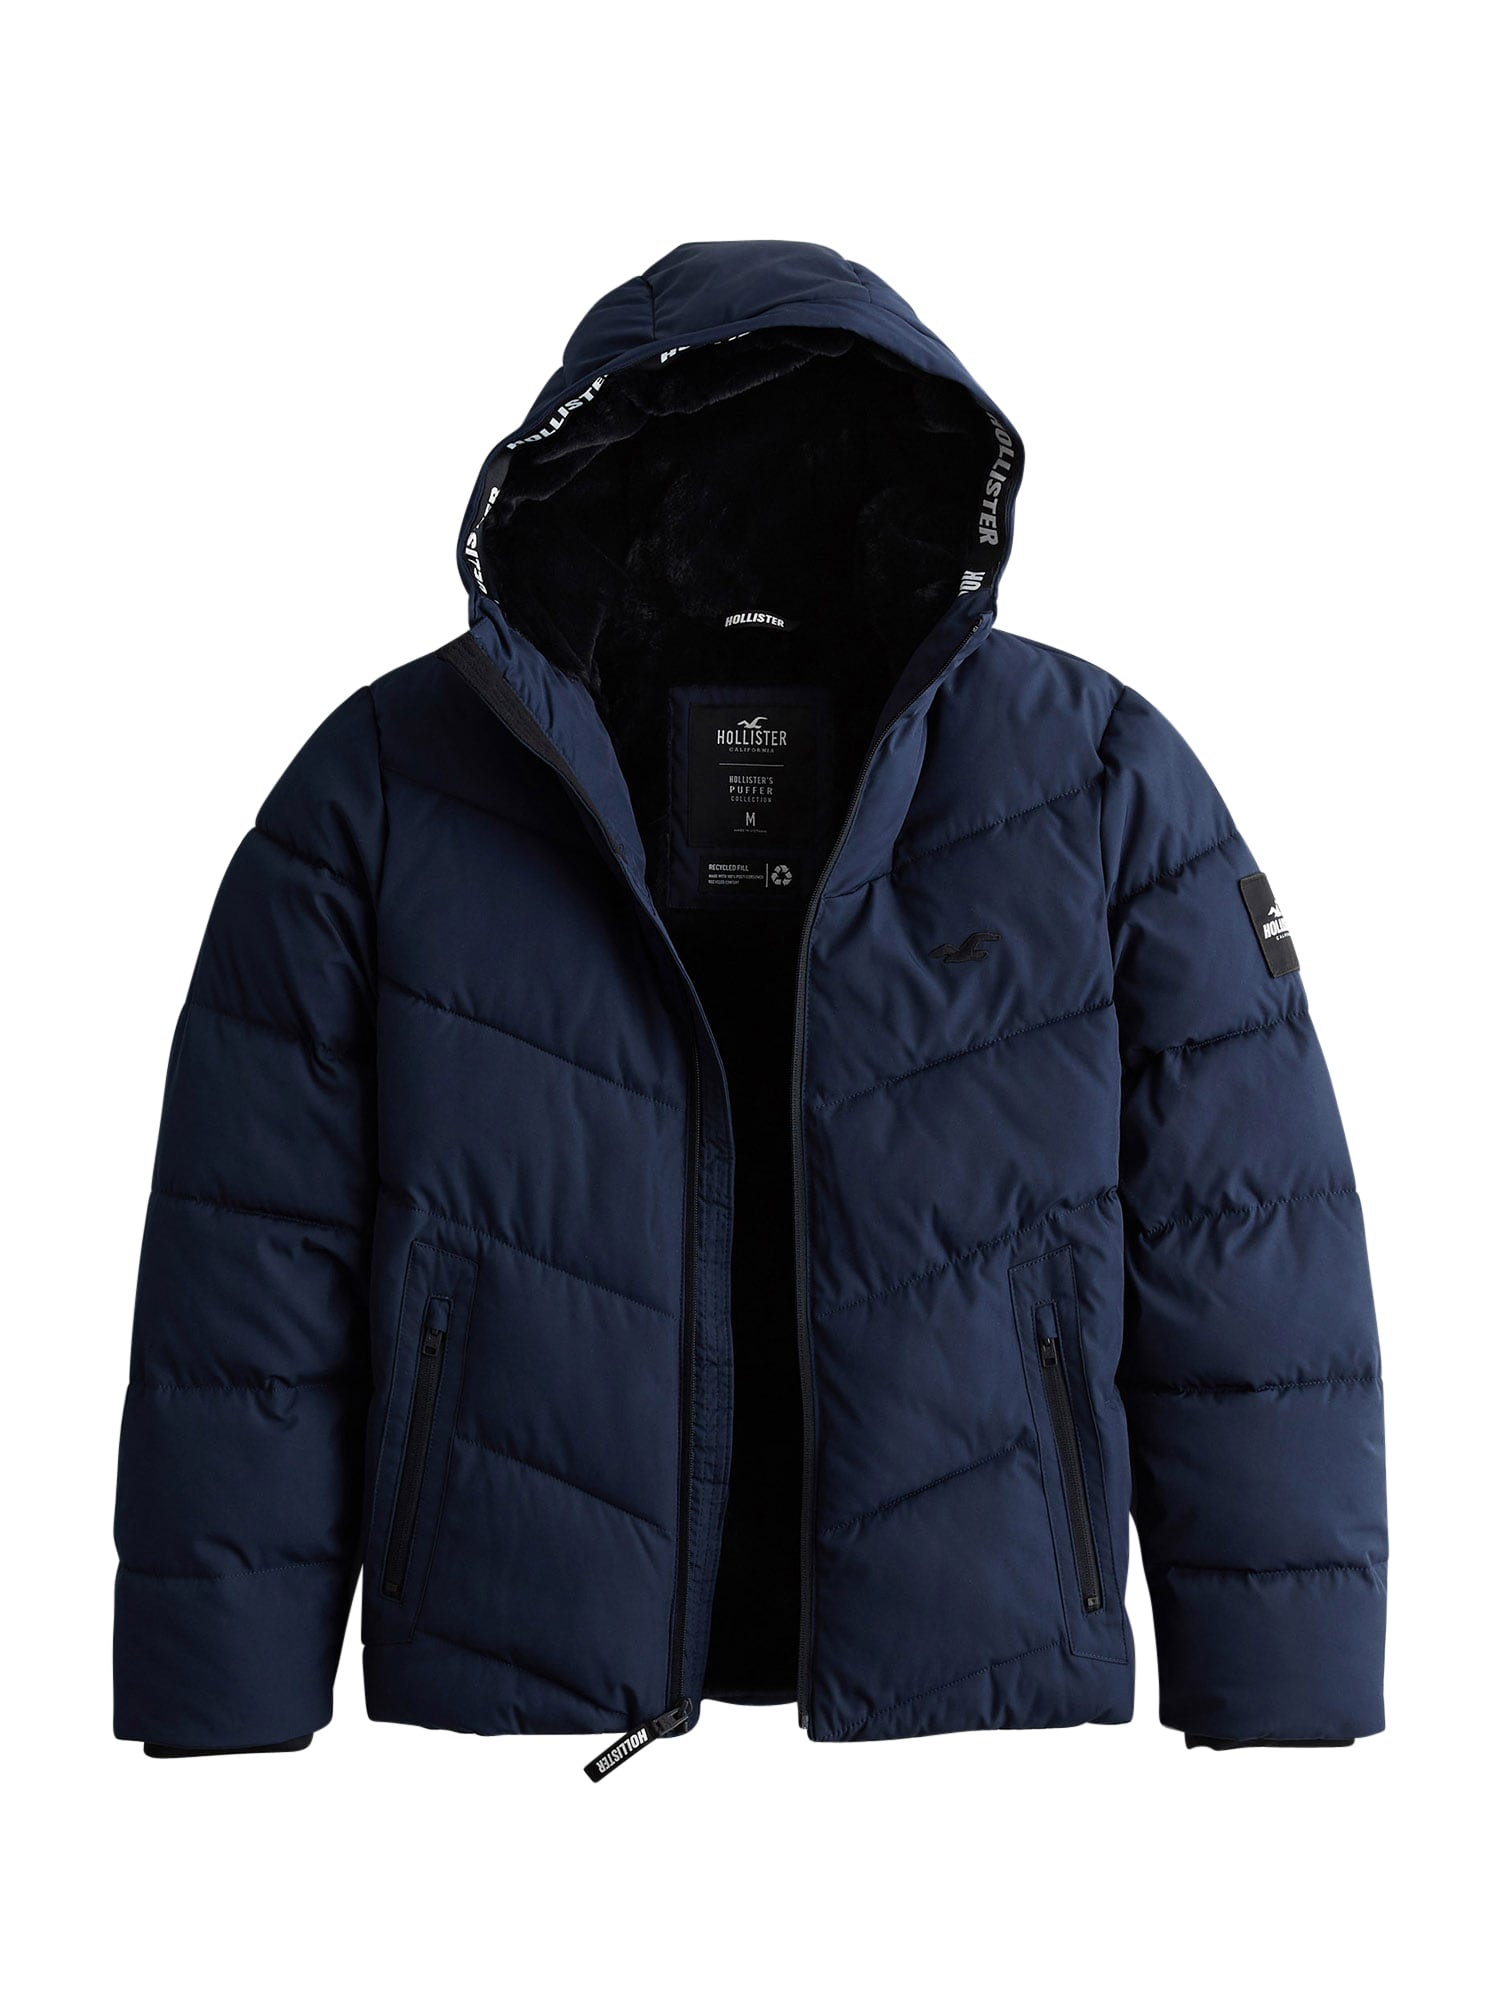 HOLLISTER Zimní bunda 'Webex'  námořnická modř / černá / bílá